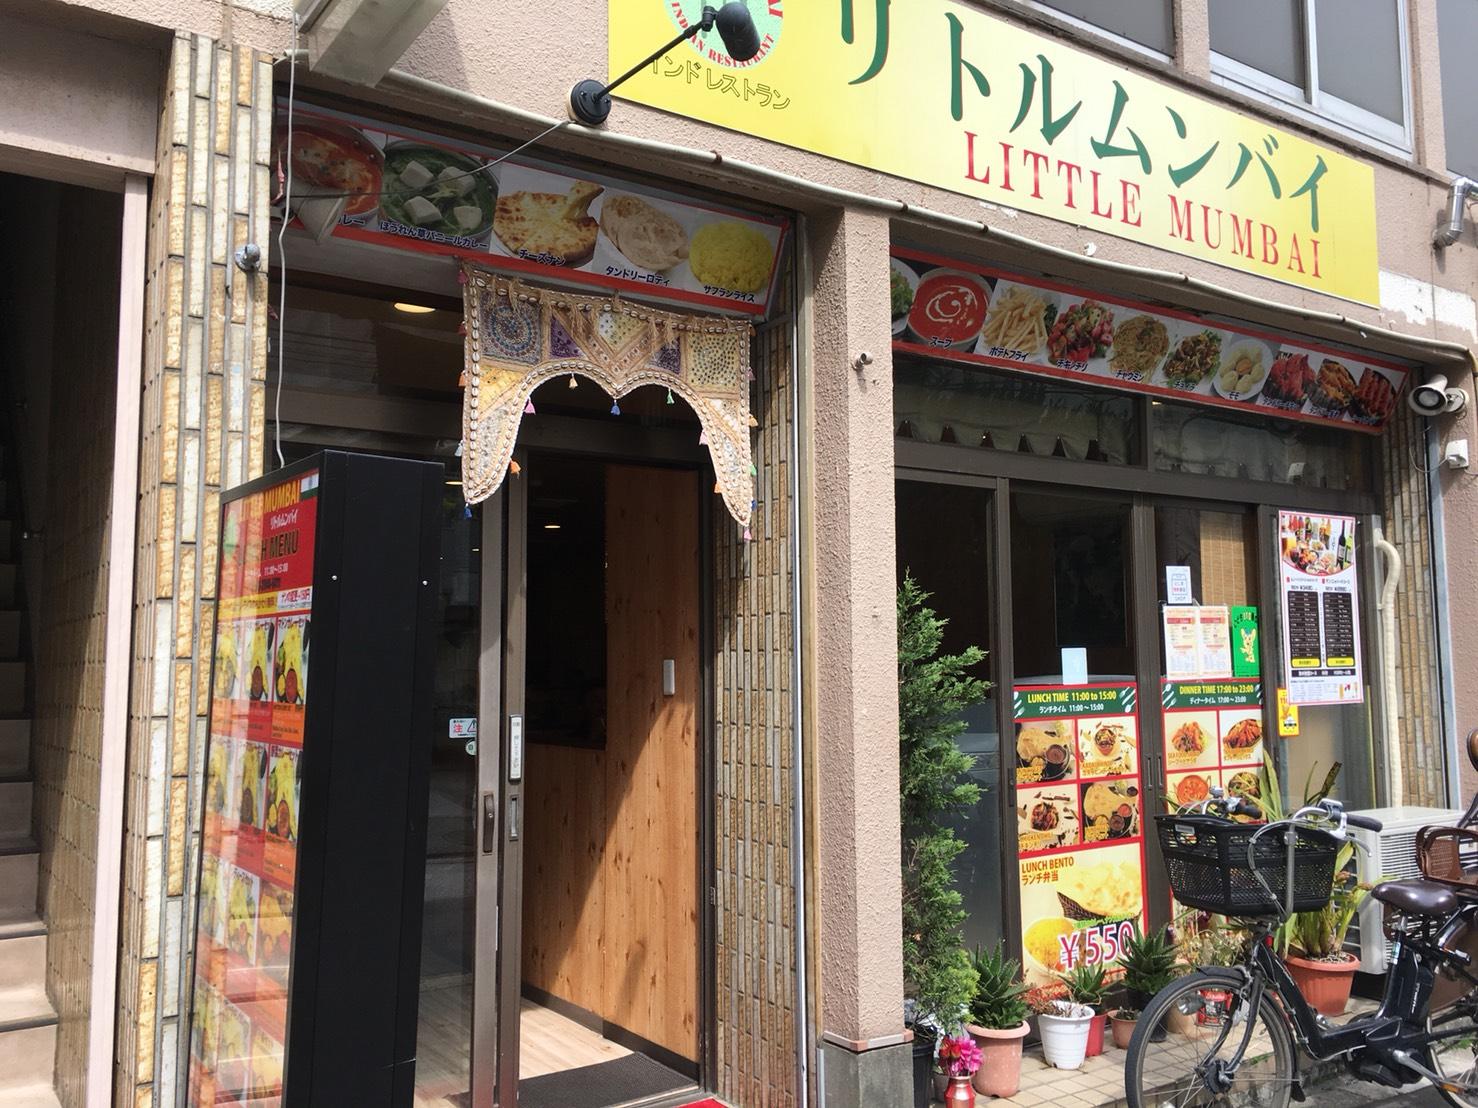 【大塚駅】インドカレー人気店「リトルムンバイ」インスタでお得の外観